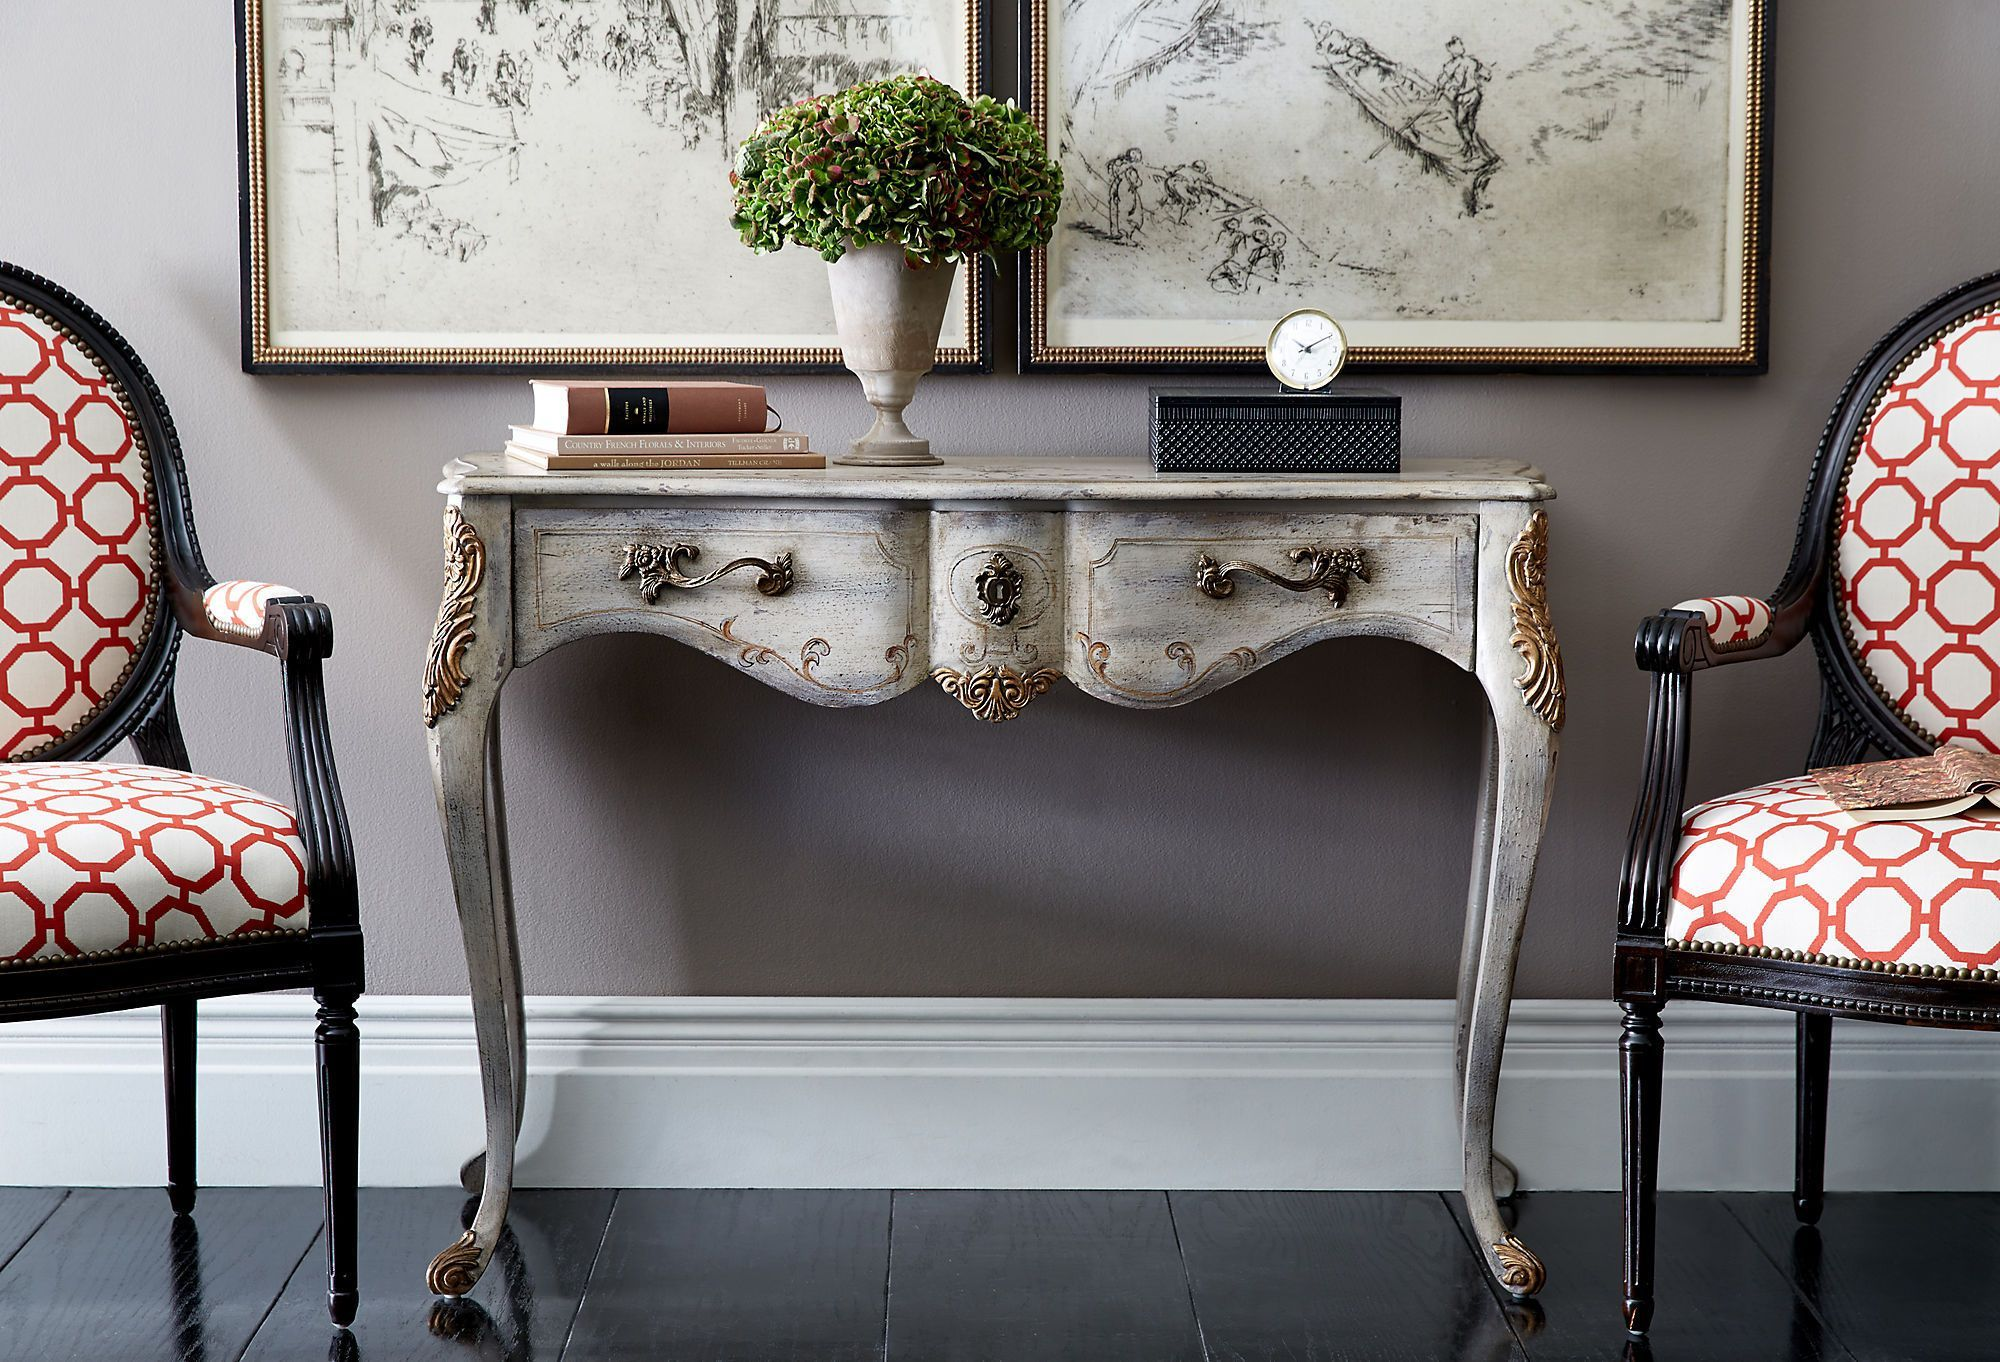 C\'est Magnifique!: Easy Parisian Style | Antique Furniture | Pinterest